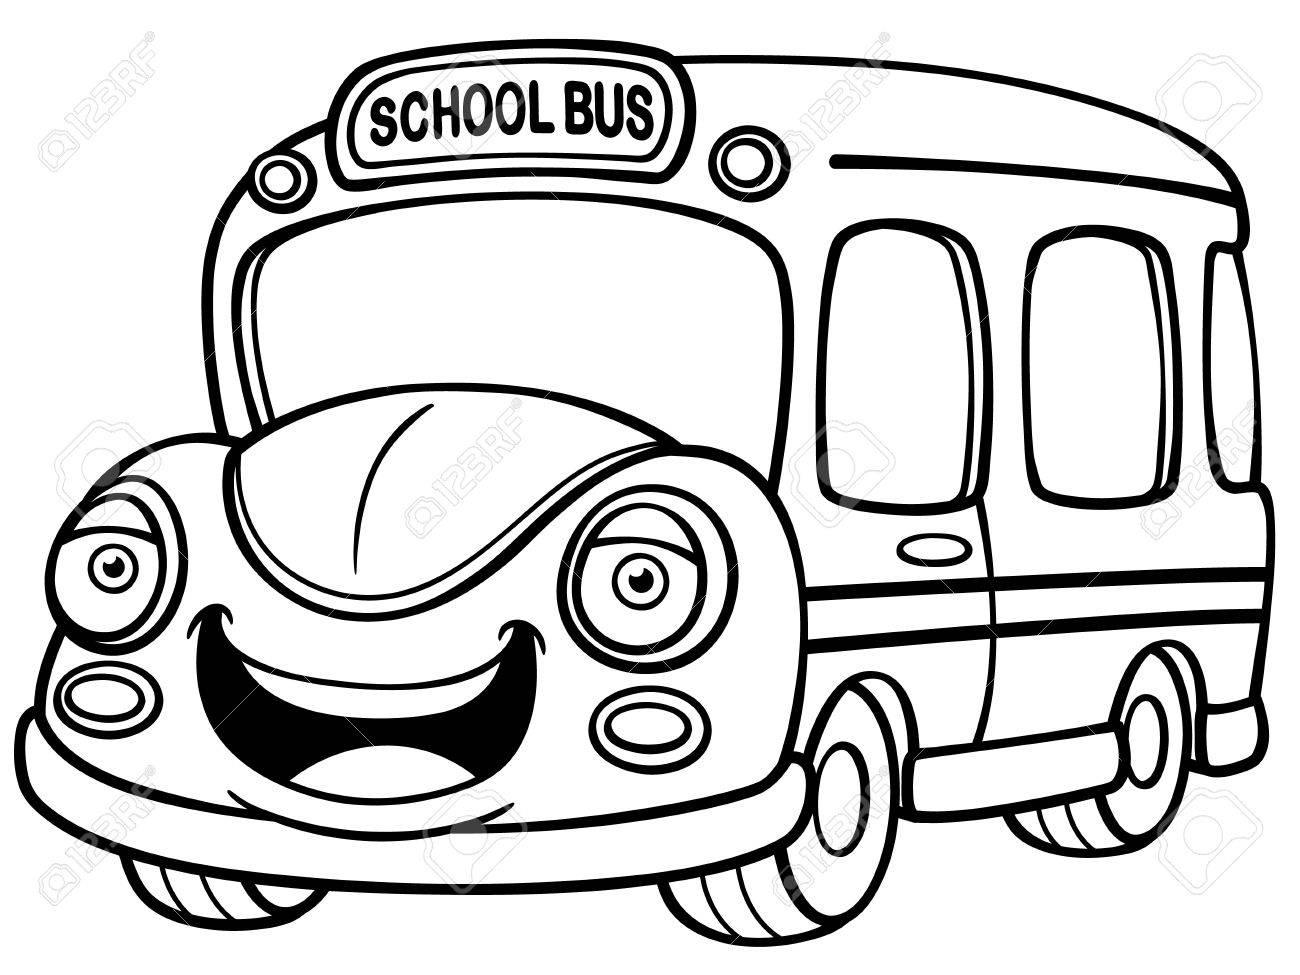 ラスター塗り絵のモノクロ イラスト日本少年は学校へバスで行くし手を